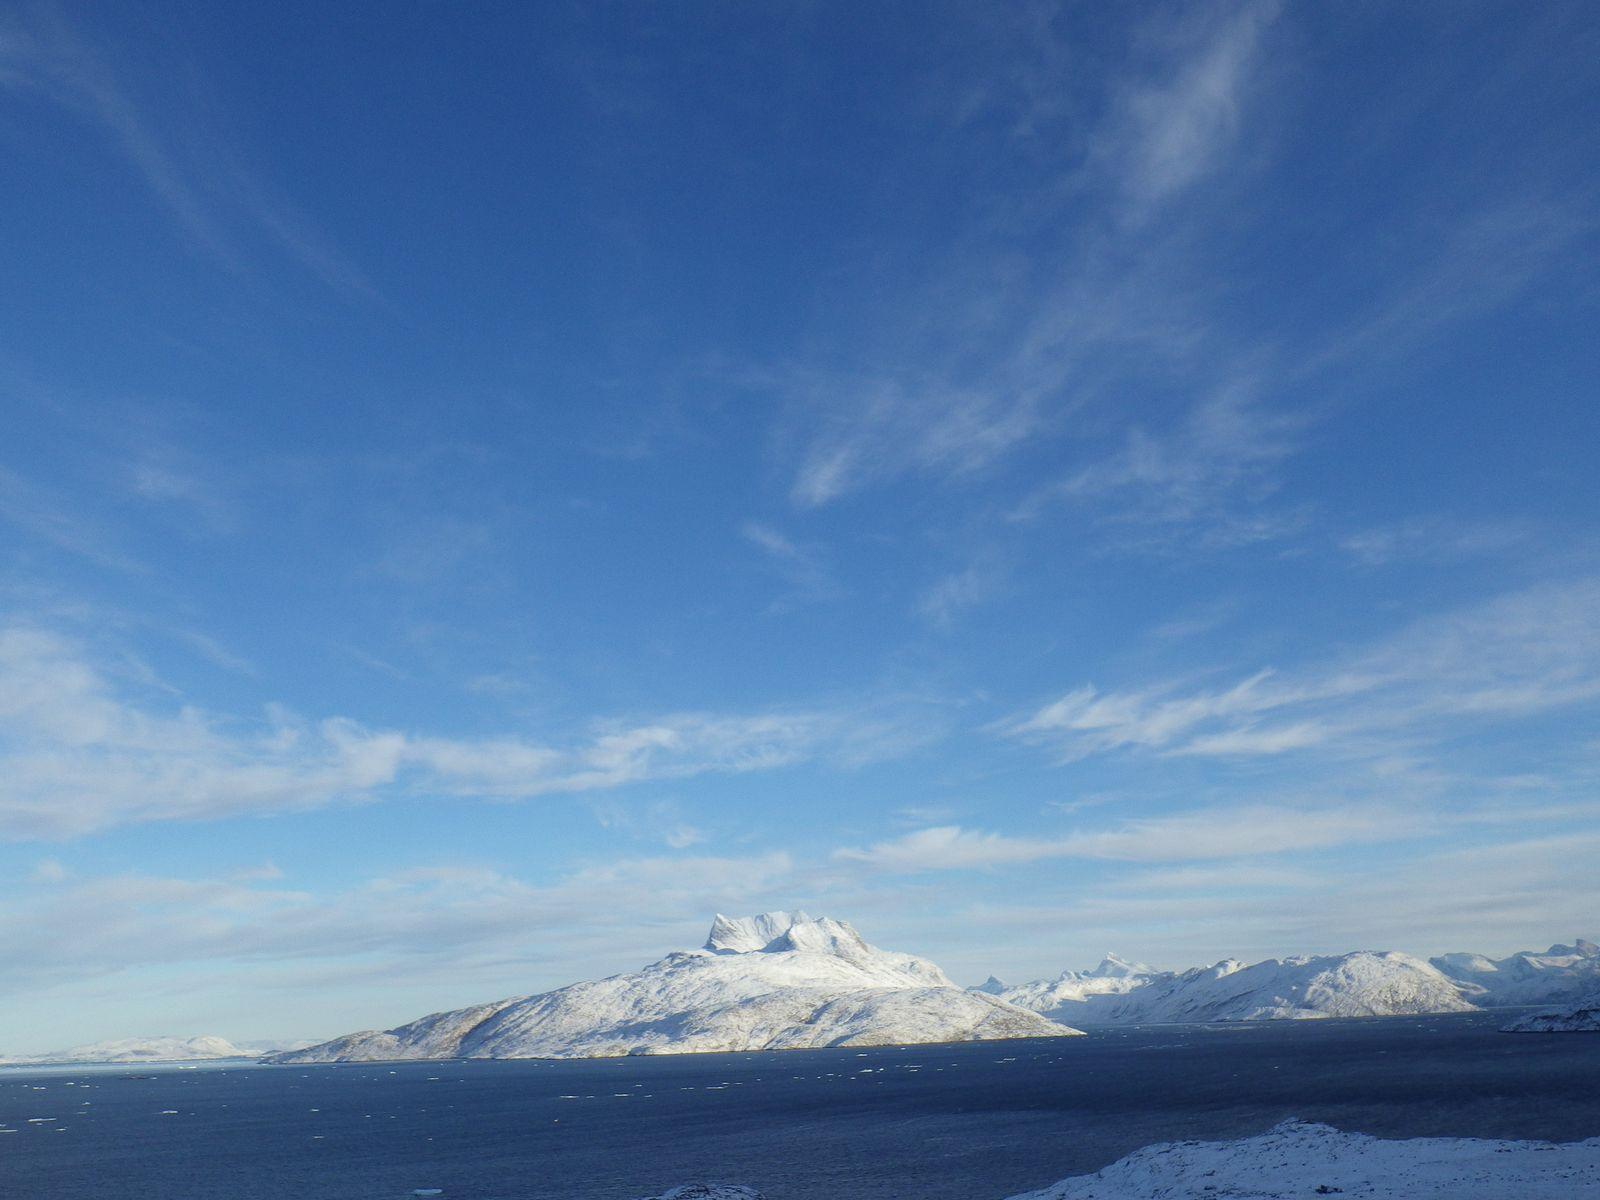 2013-11-01-1037_-_gode_1_sermitsiaq